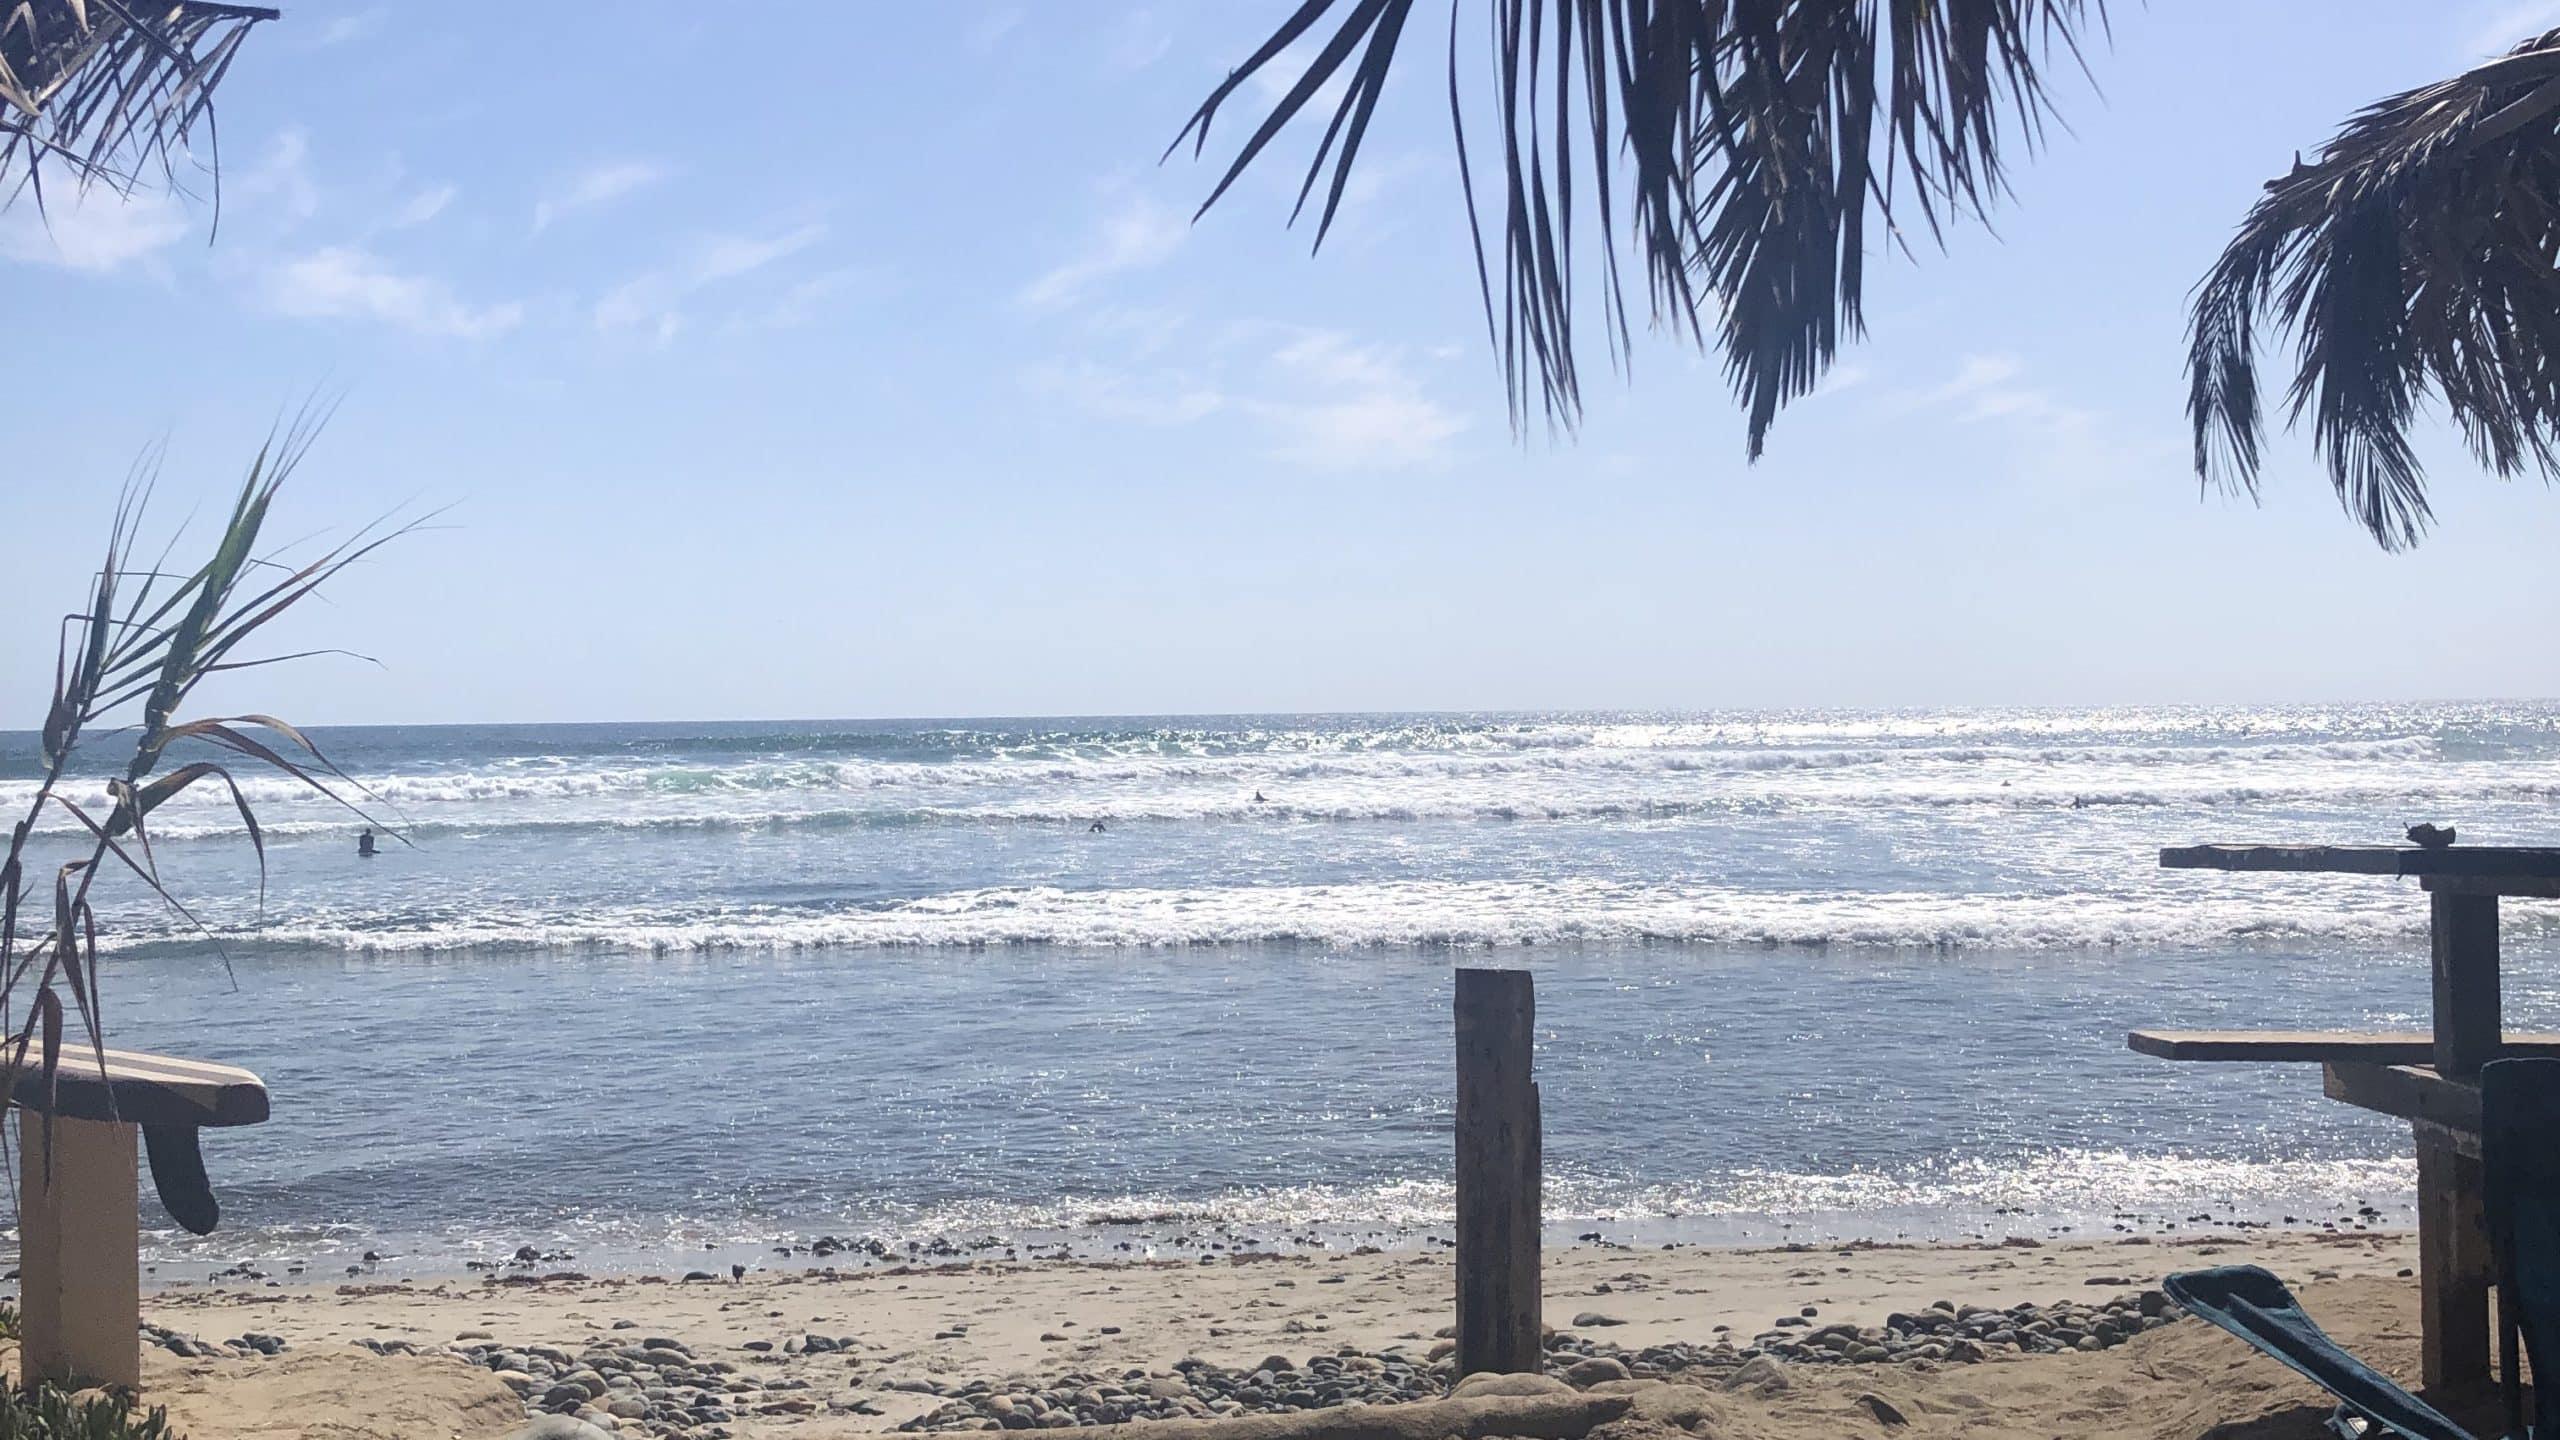 Das Paradies? Für Surfer auf jeden Fall! Der San Onofre State Beach